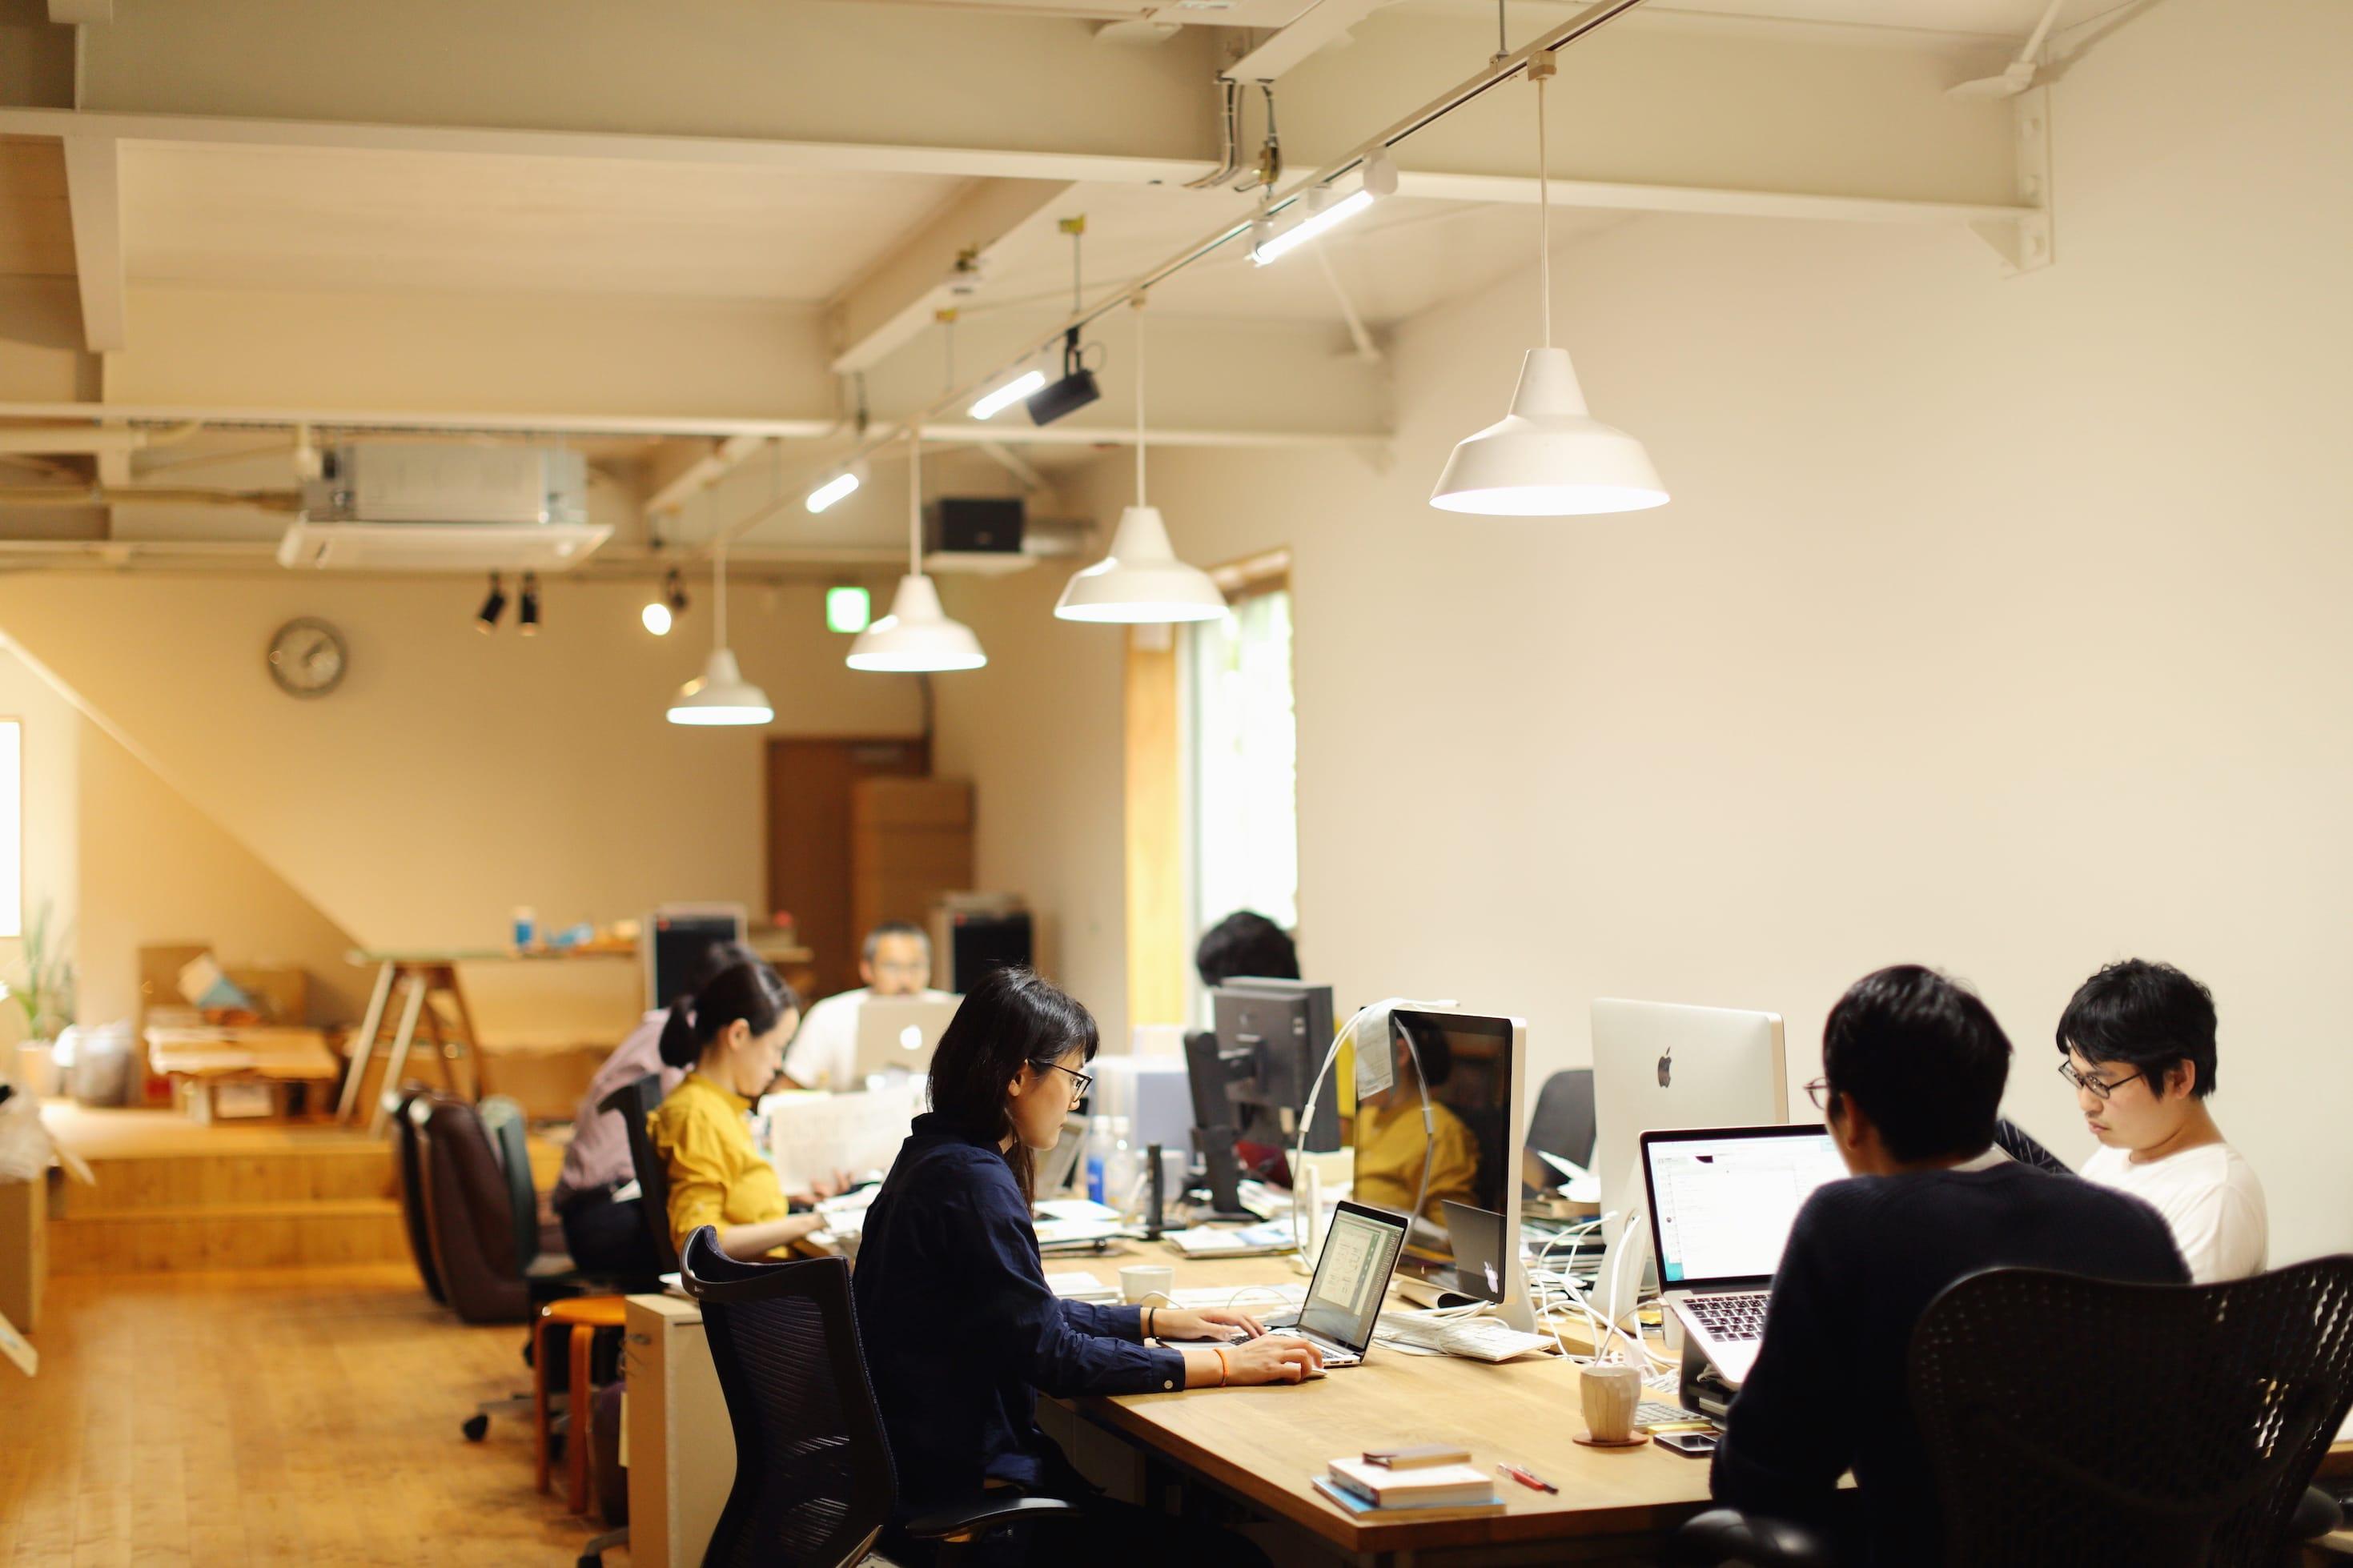 とんがりビルの2階にある「アカオニ」のオフィス。ひとつの大きなテーブルをスタッフみんなで囲んで仕事をする。